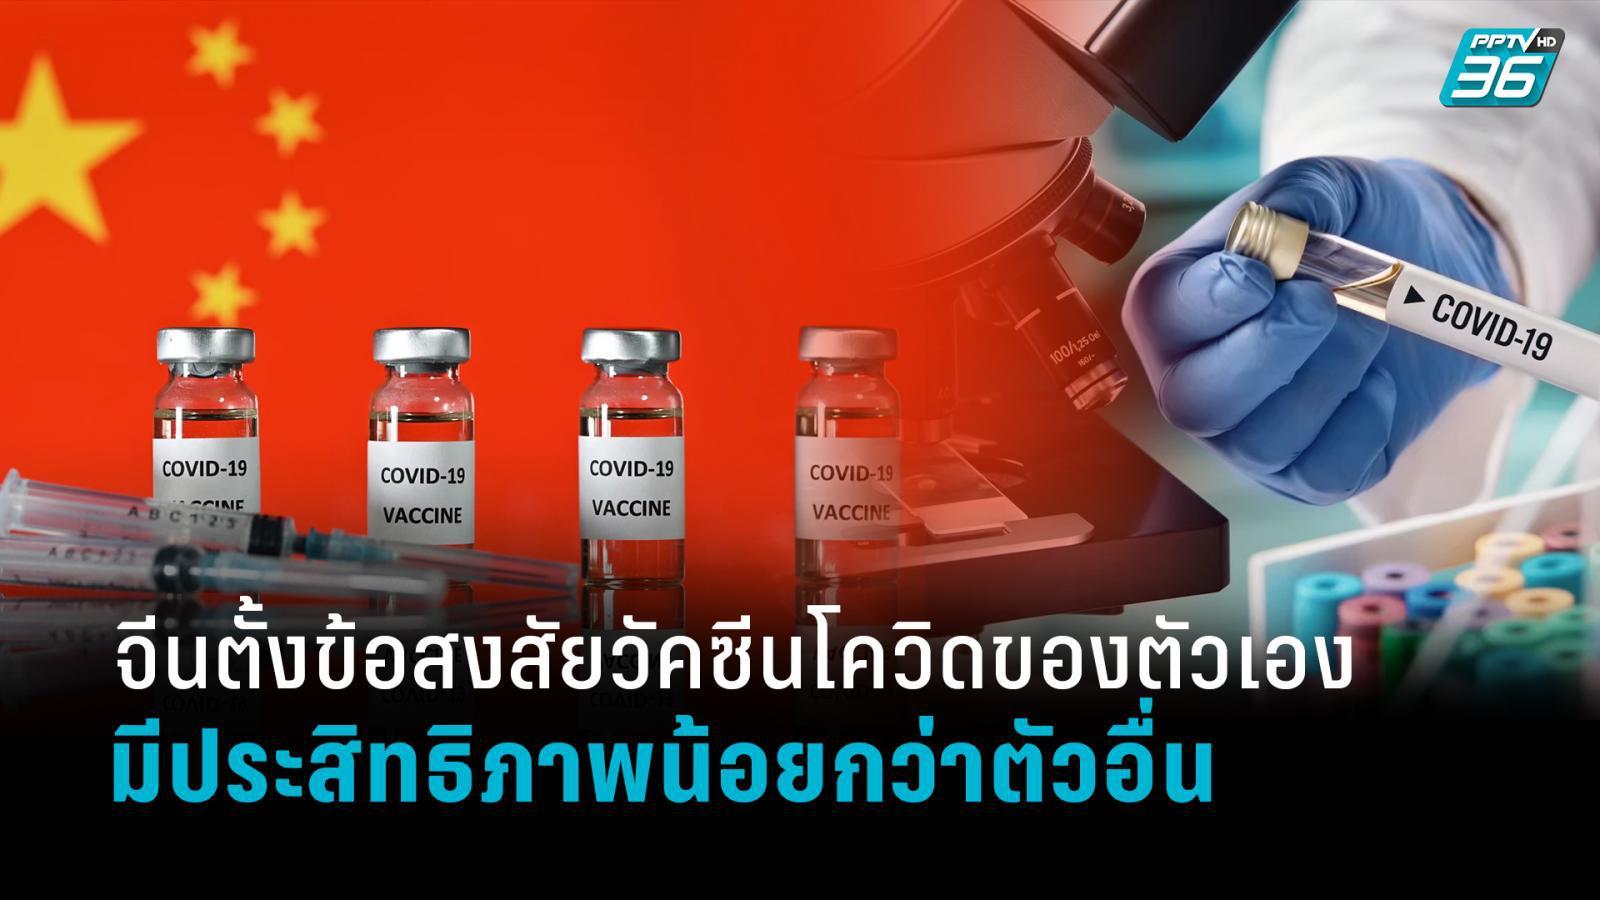 """จีนตั้งข้อสงสัย""""วัคซีนโควิด-19 ของตัวเอง""""มีประสิทธิภาพน้อยกว่าตัวอื่น"""